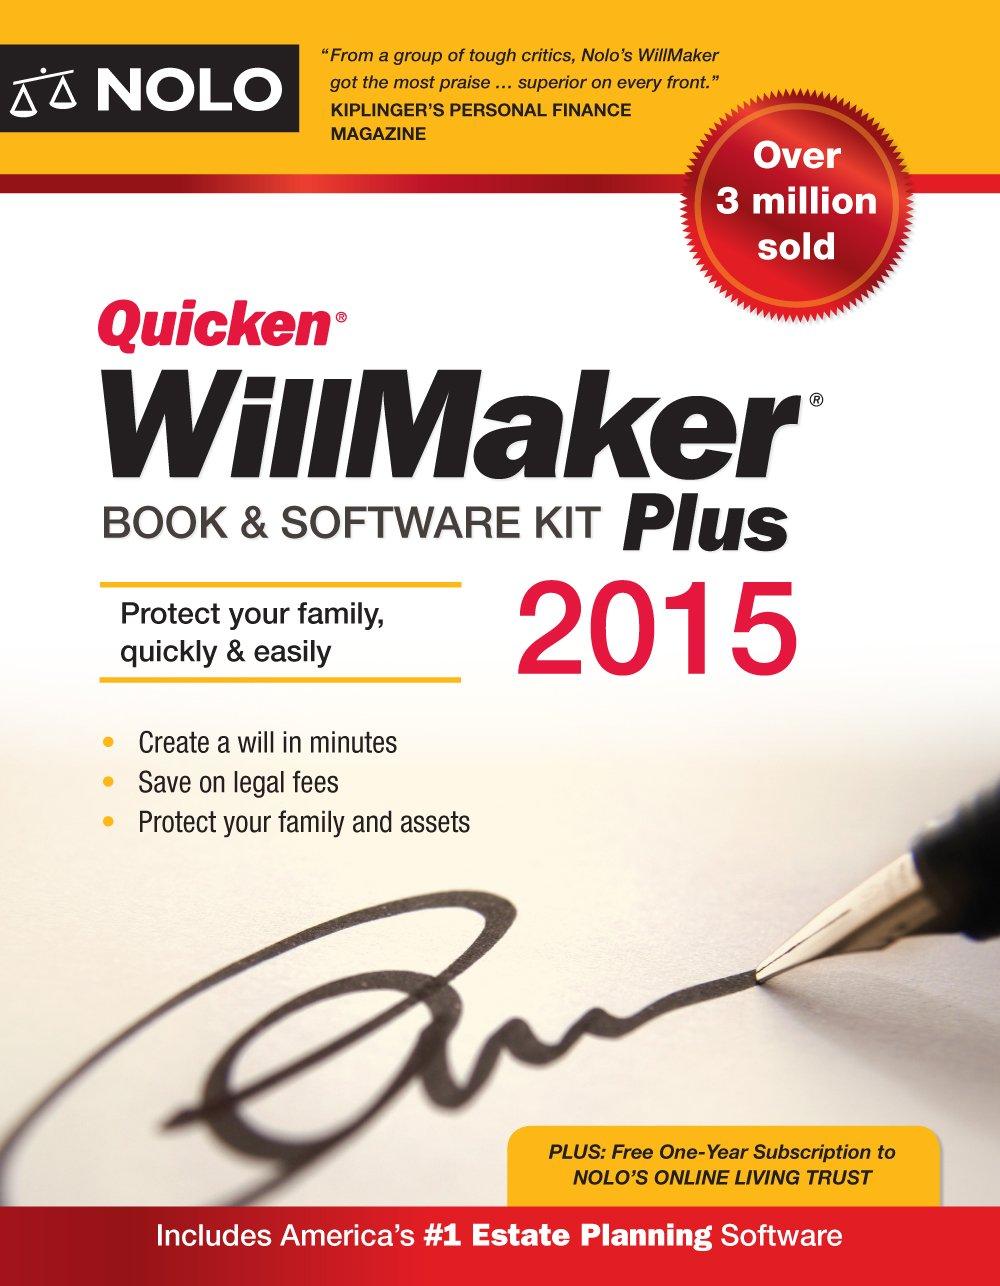 quicken willmaker plus 2015 edition book software kit editors quicken willmaker plus 2015 edition book software kit editors of nolo 9781413320732 books amazon ca